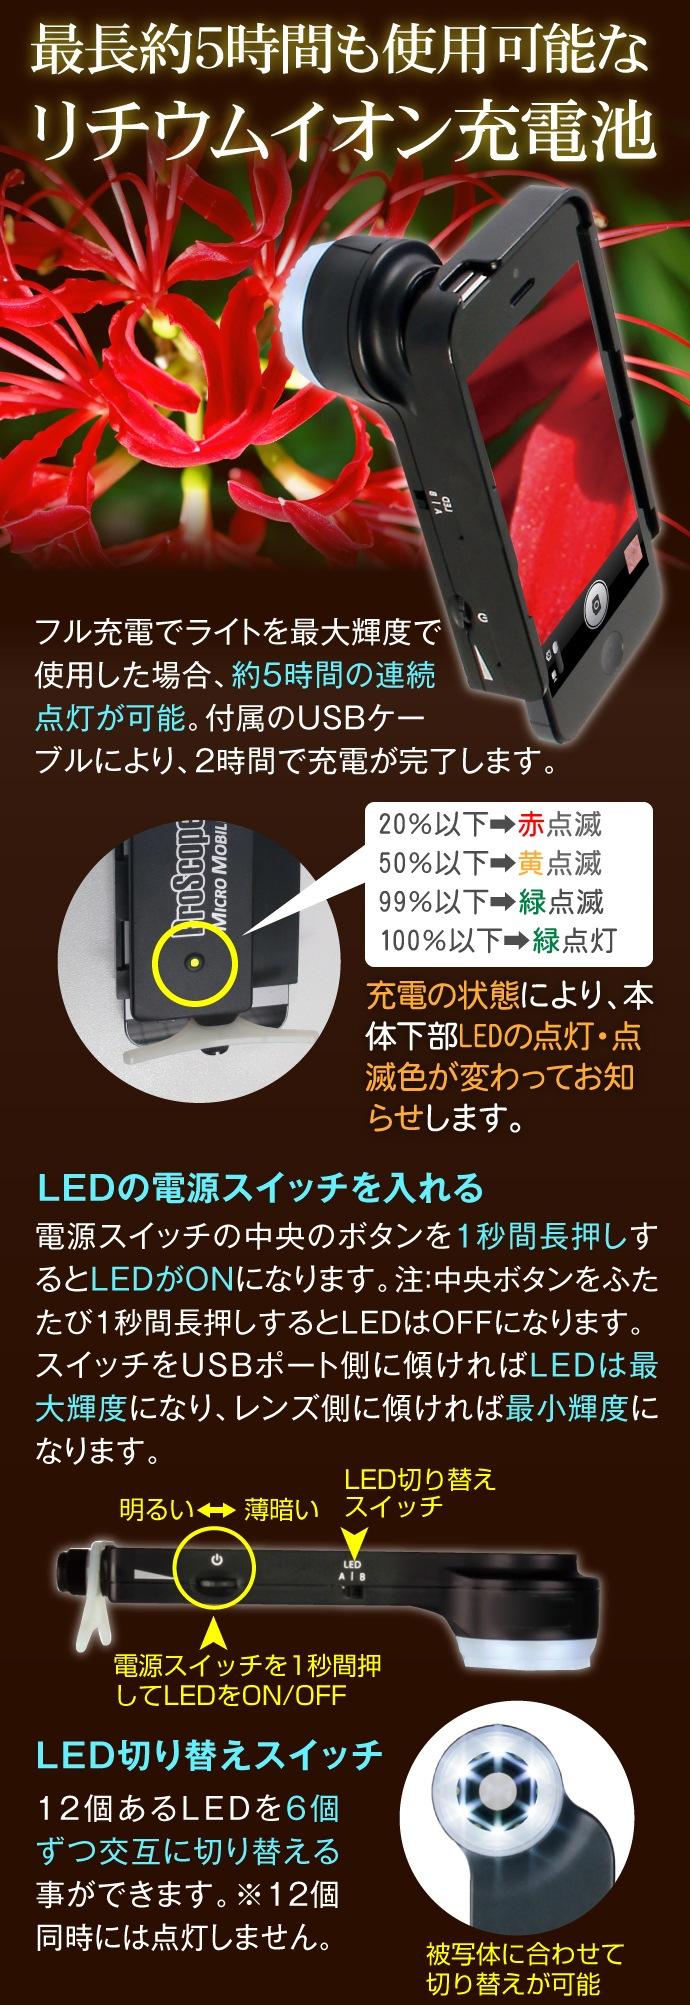 最長5時間使用可能なリチウムイオン充電池採用のiミクロン